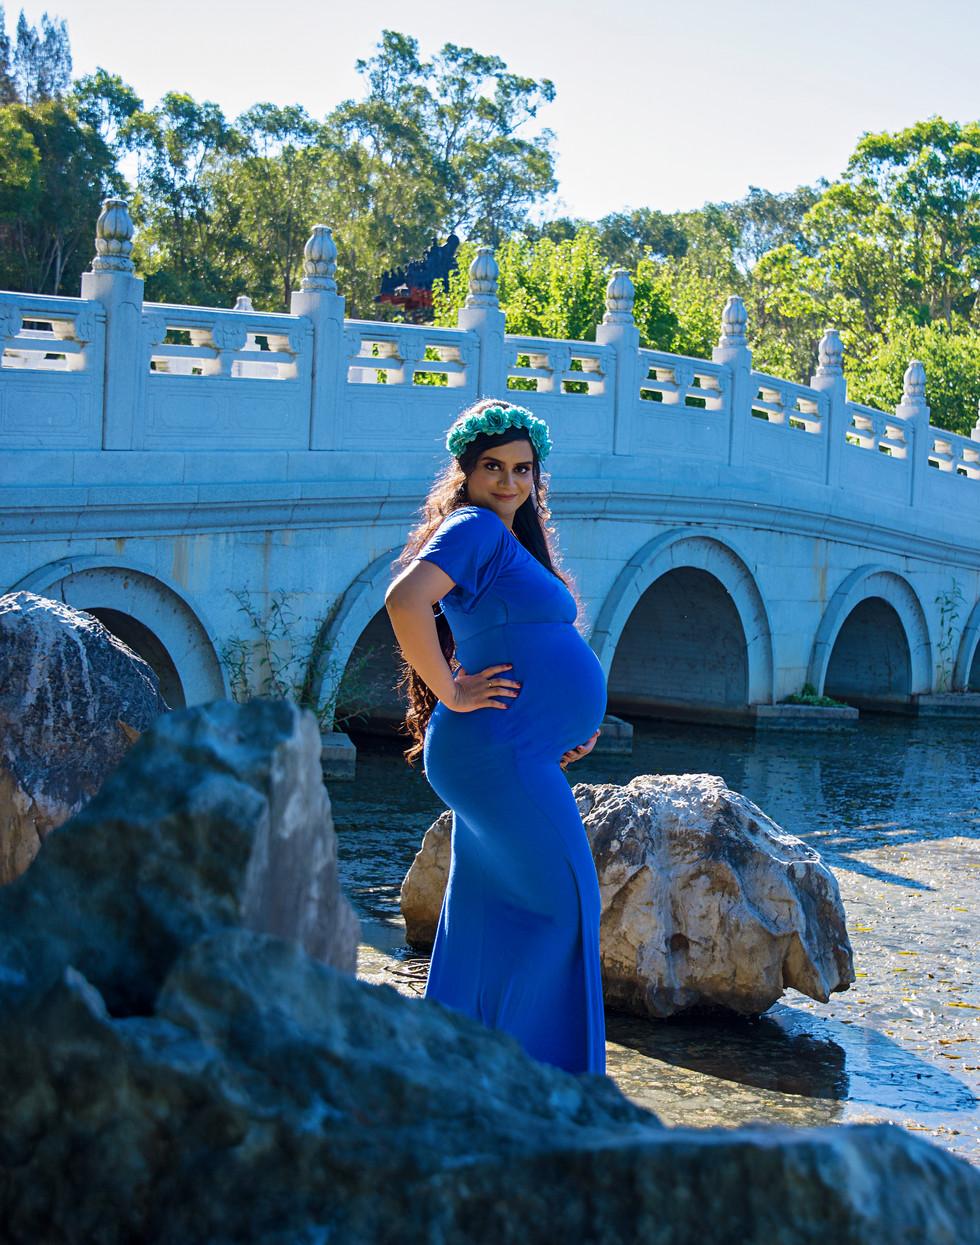 Azalea blue - Tight